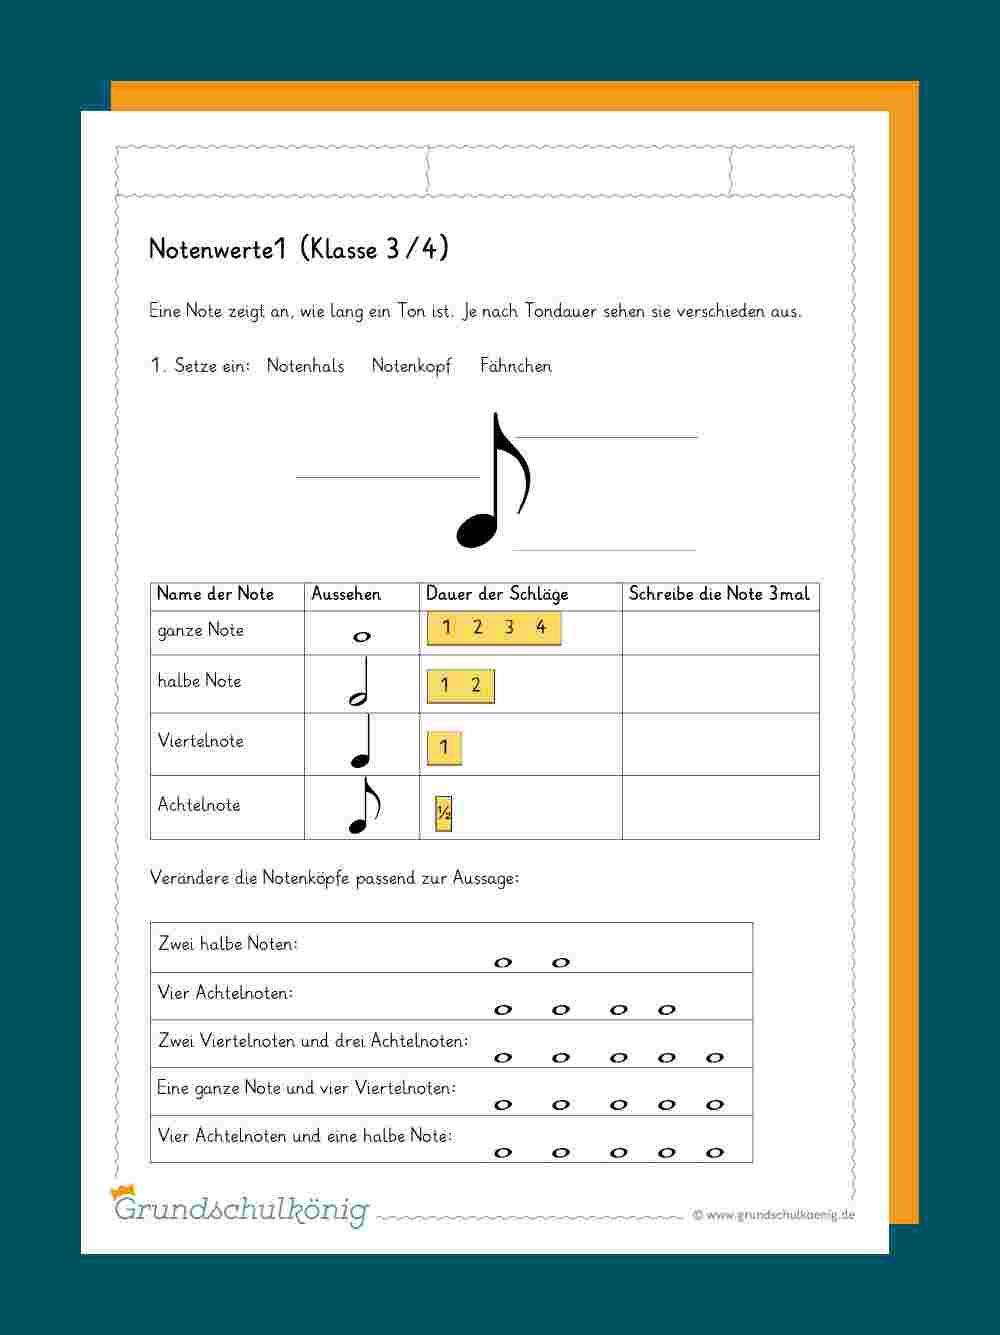 Noten / Notenschlüssel über Notenschlüssel Grundschule Niedersachsen